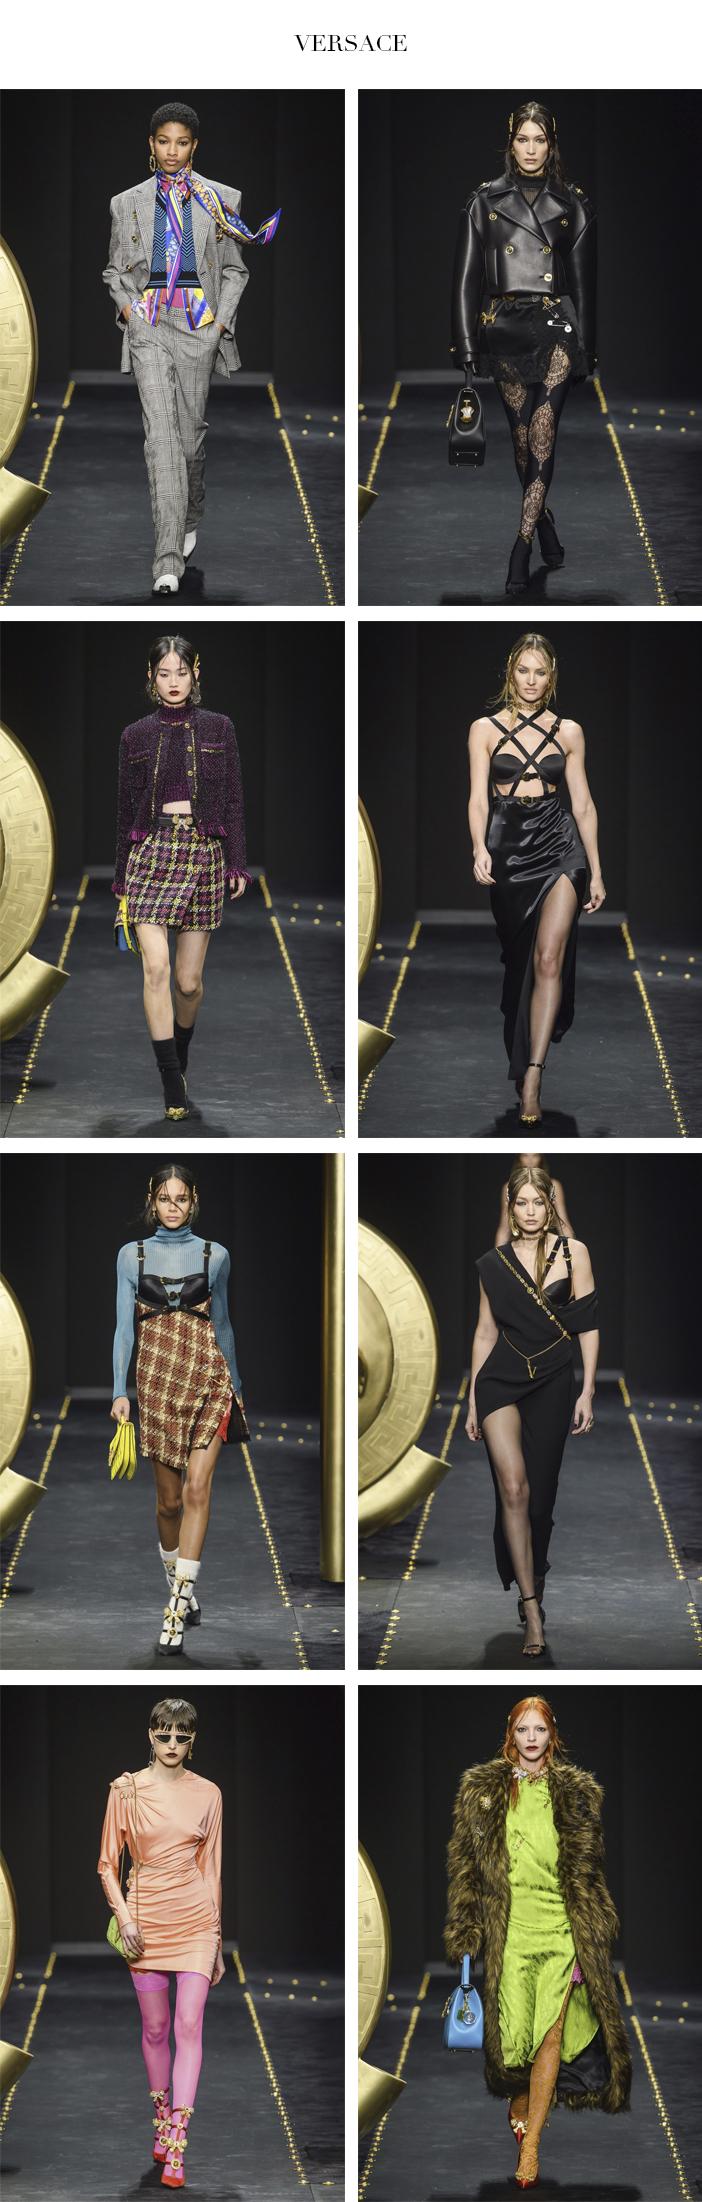 Semana de Moda de Milão - Inverno 2019 - Parte 2 - Versace